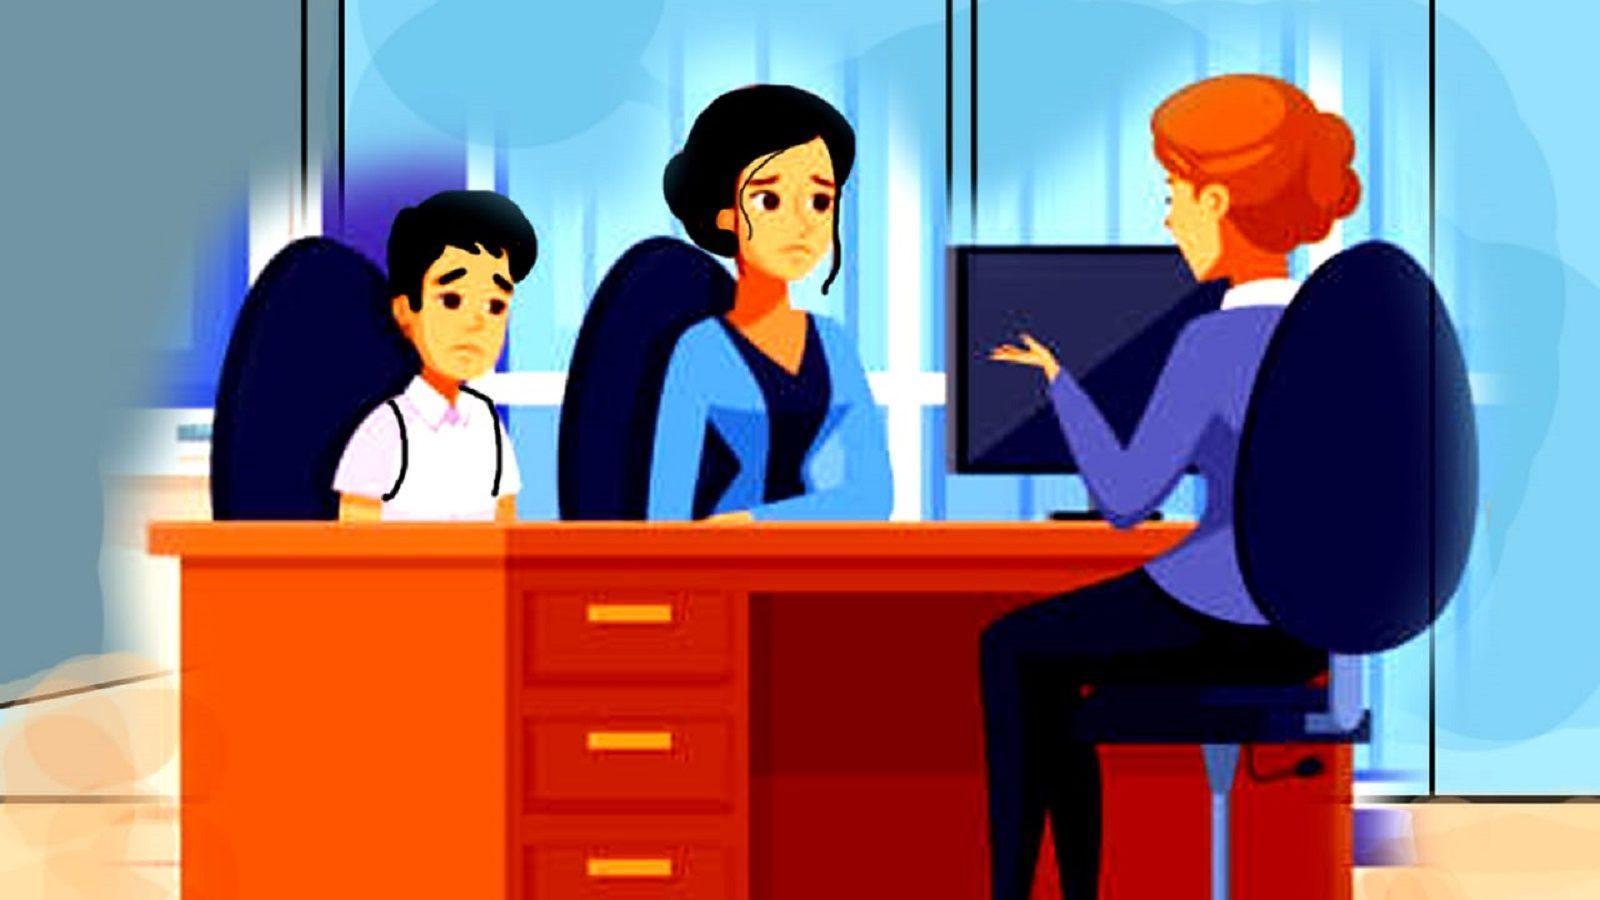 MP government schools: सरकारी स्कूलों में 15 सितंबर से 3 दिनों तक आयोजित होगी पैरेंट्स टीचर मीटिंग